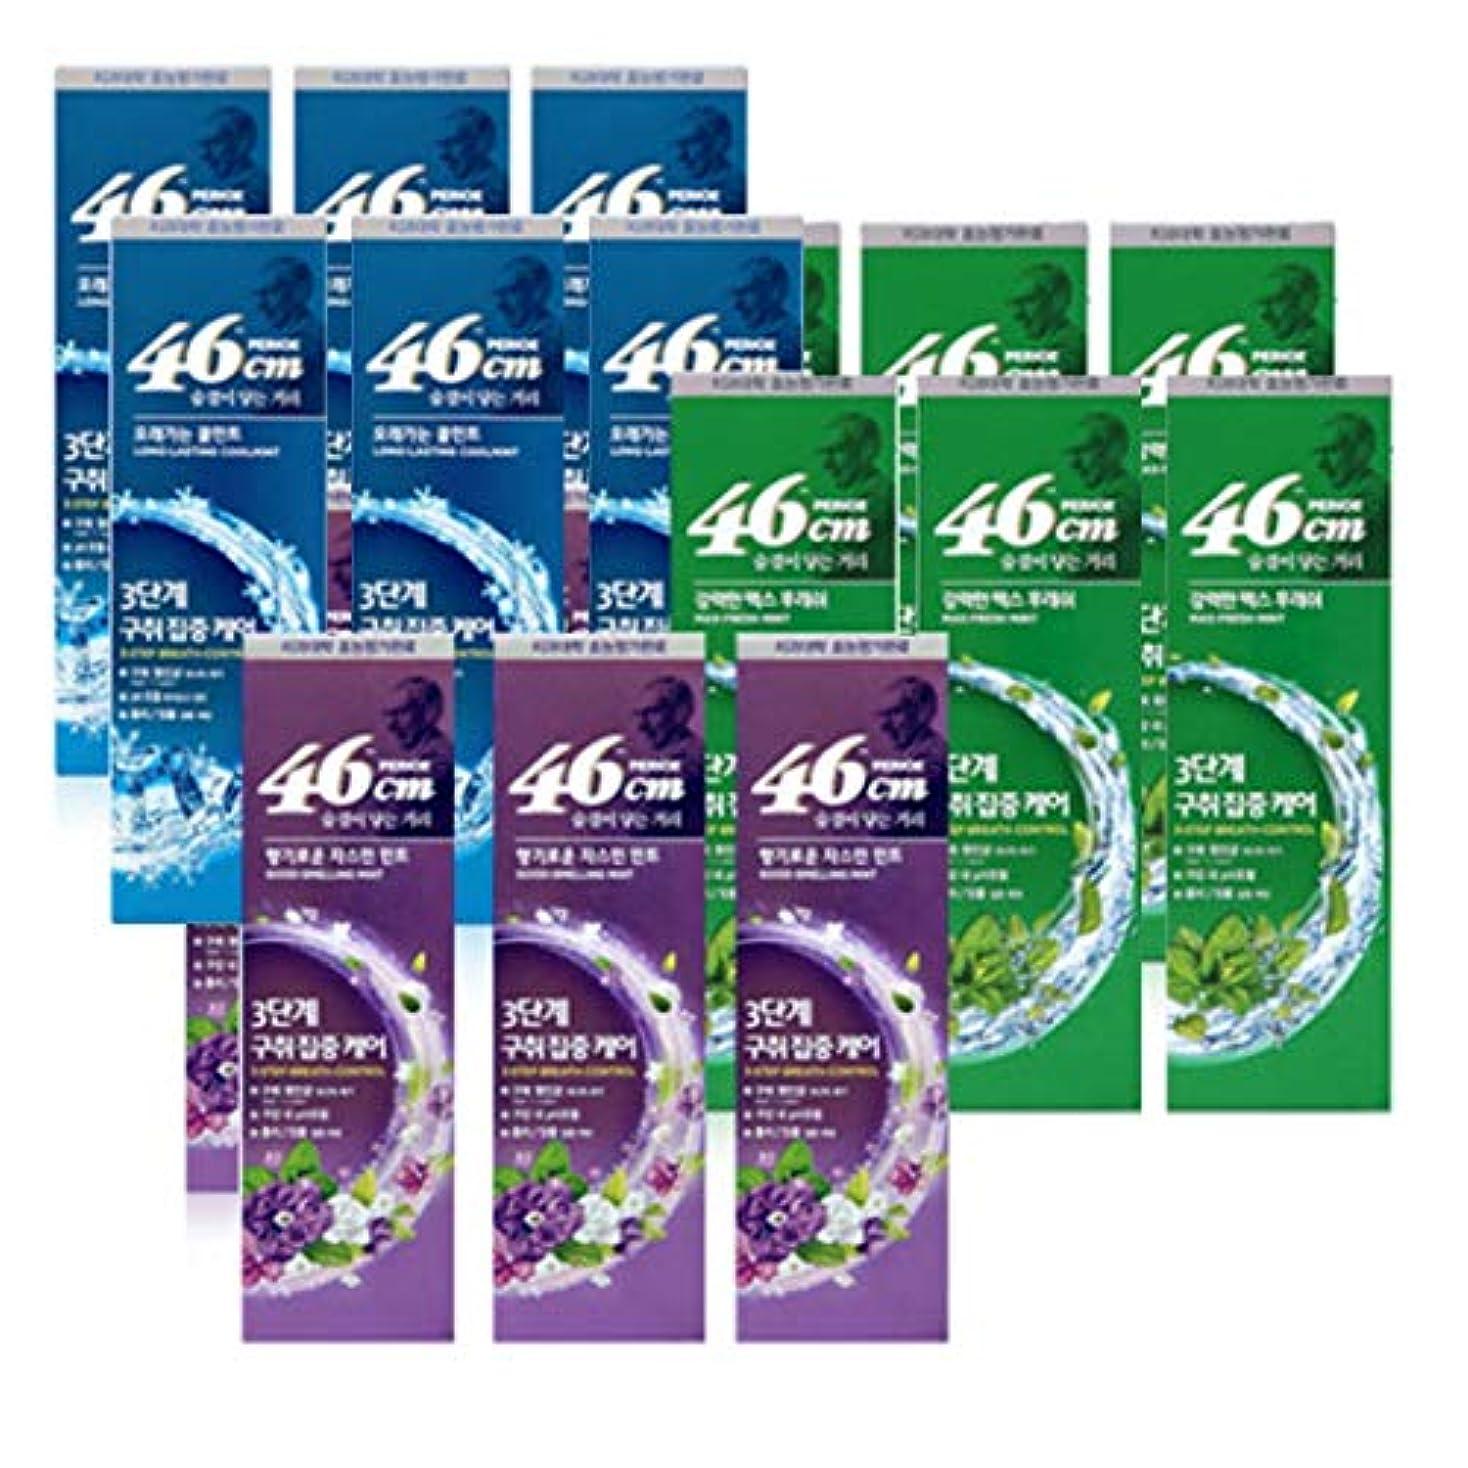 発火するペン騙す[LG HnB] Perio 46cm toothpaste / ペリオ46cm歯磨き粉 100gx18個(海外直送品)